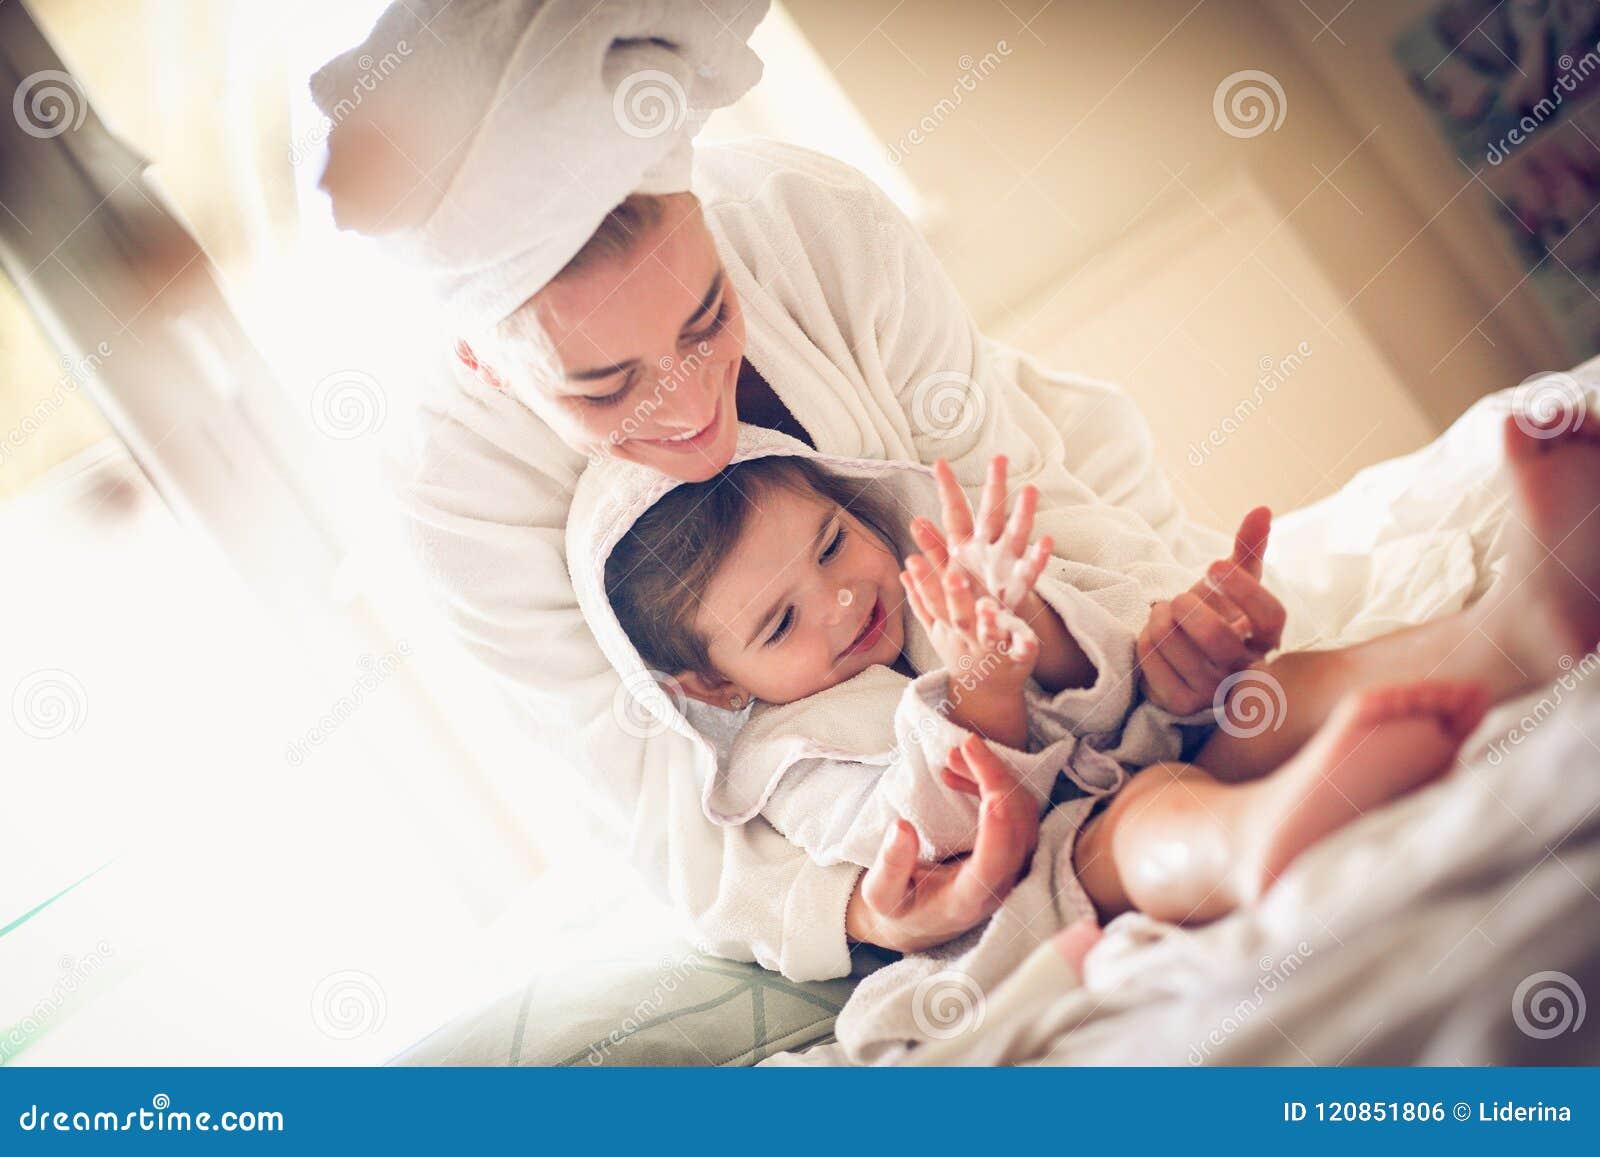 Jouer après bain Mère et fille